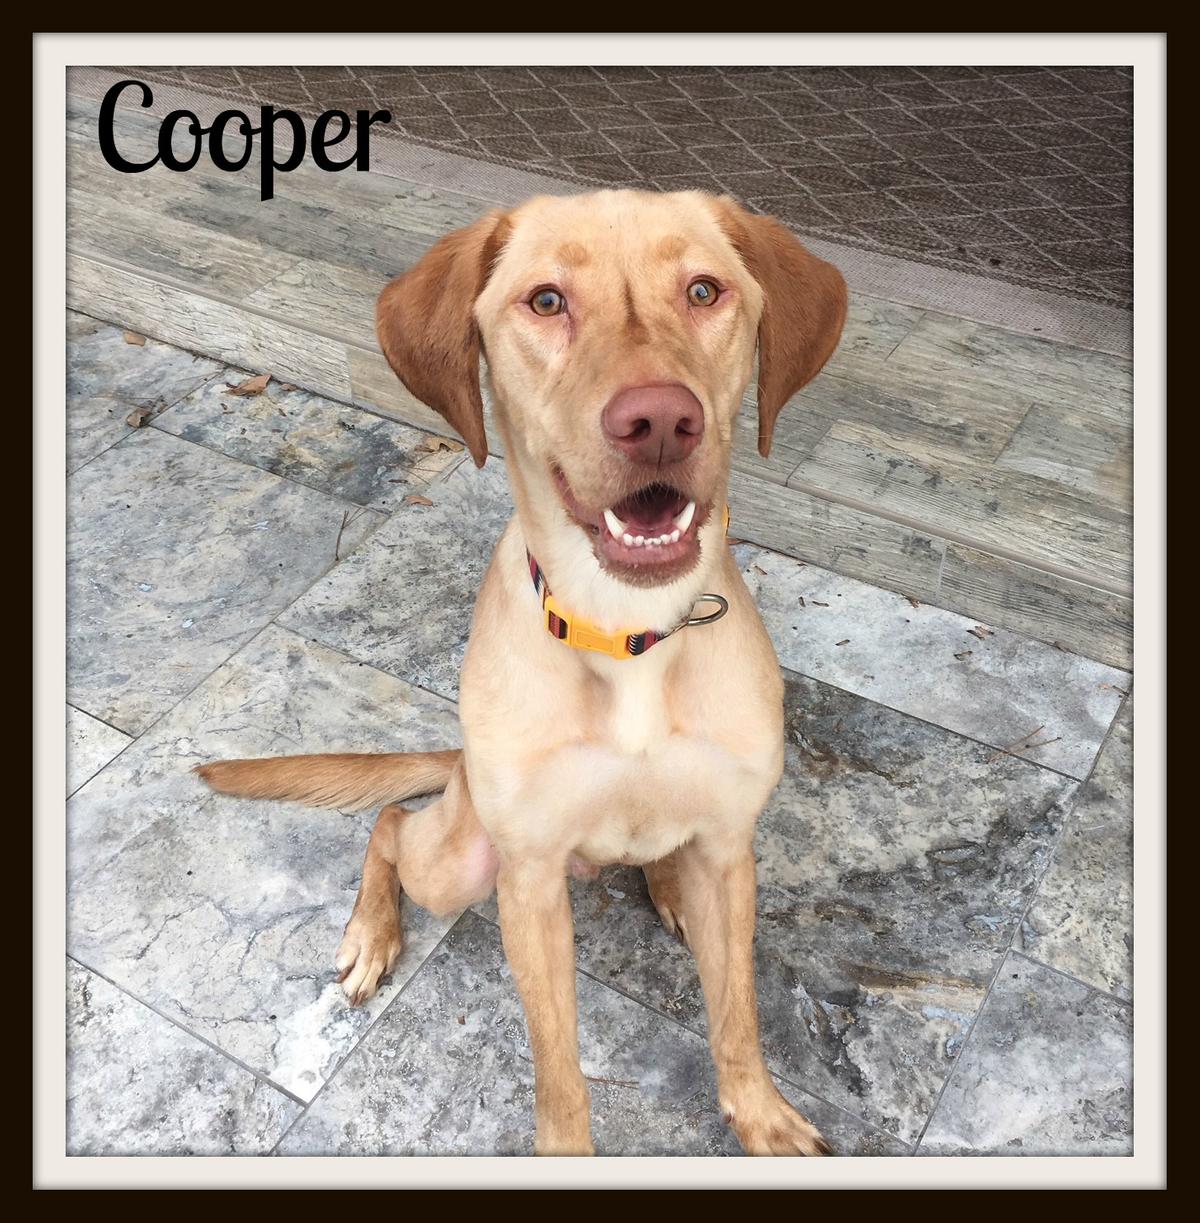 Cooper1cvr.jpg